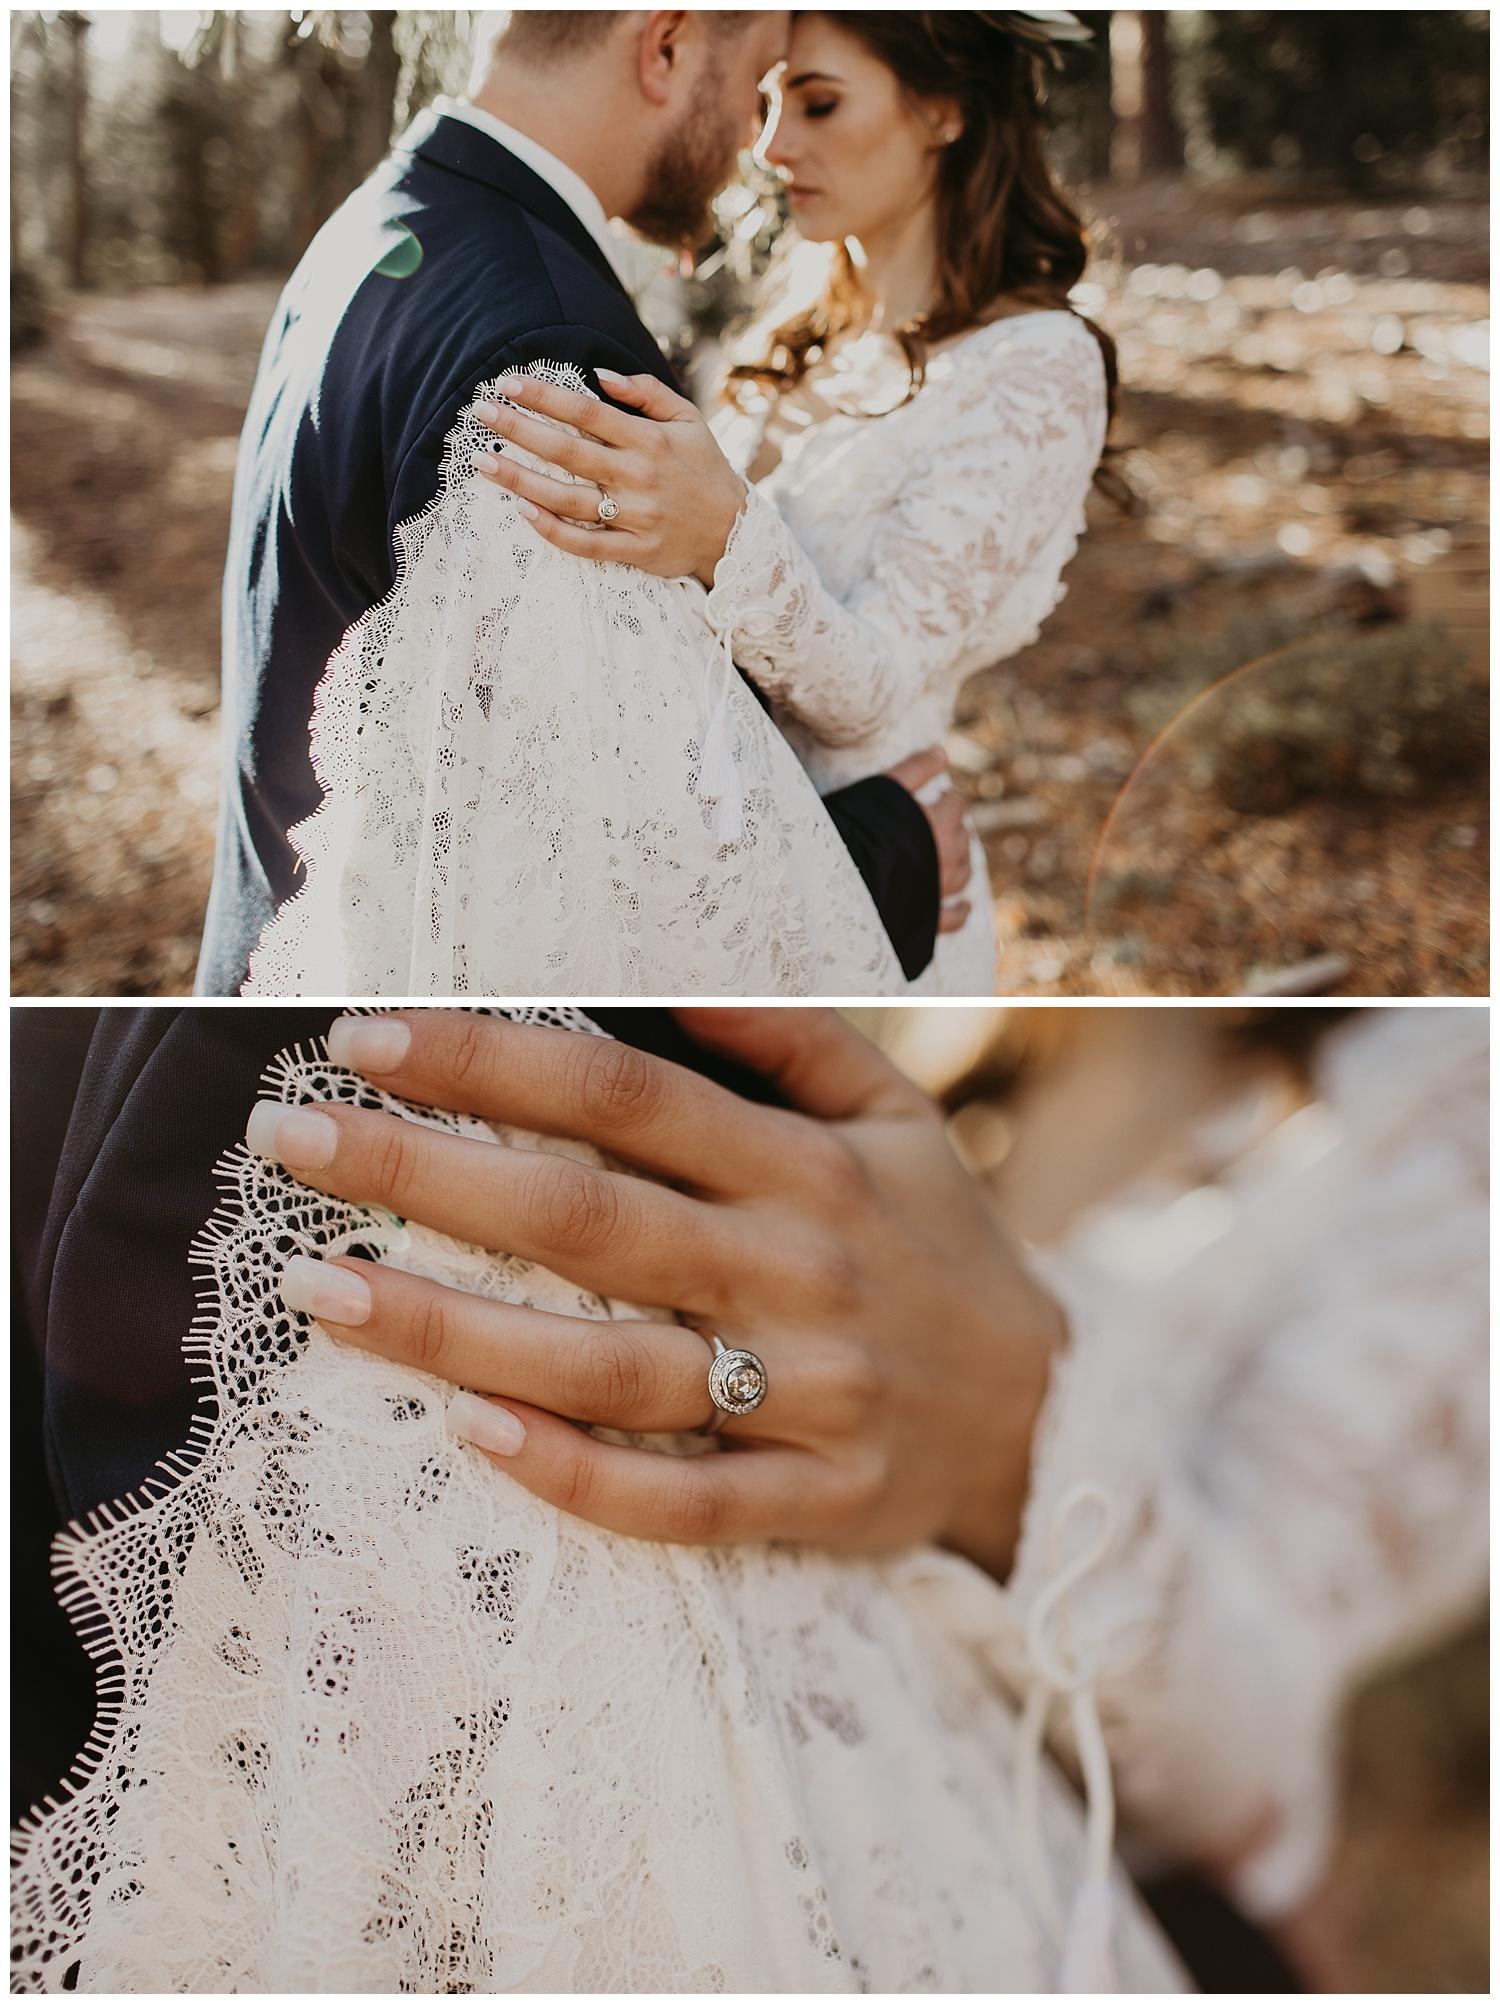 lake-tahoe-winter-wedding-just-married-pictures-boho-bride.jpg